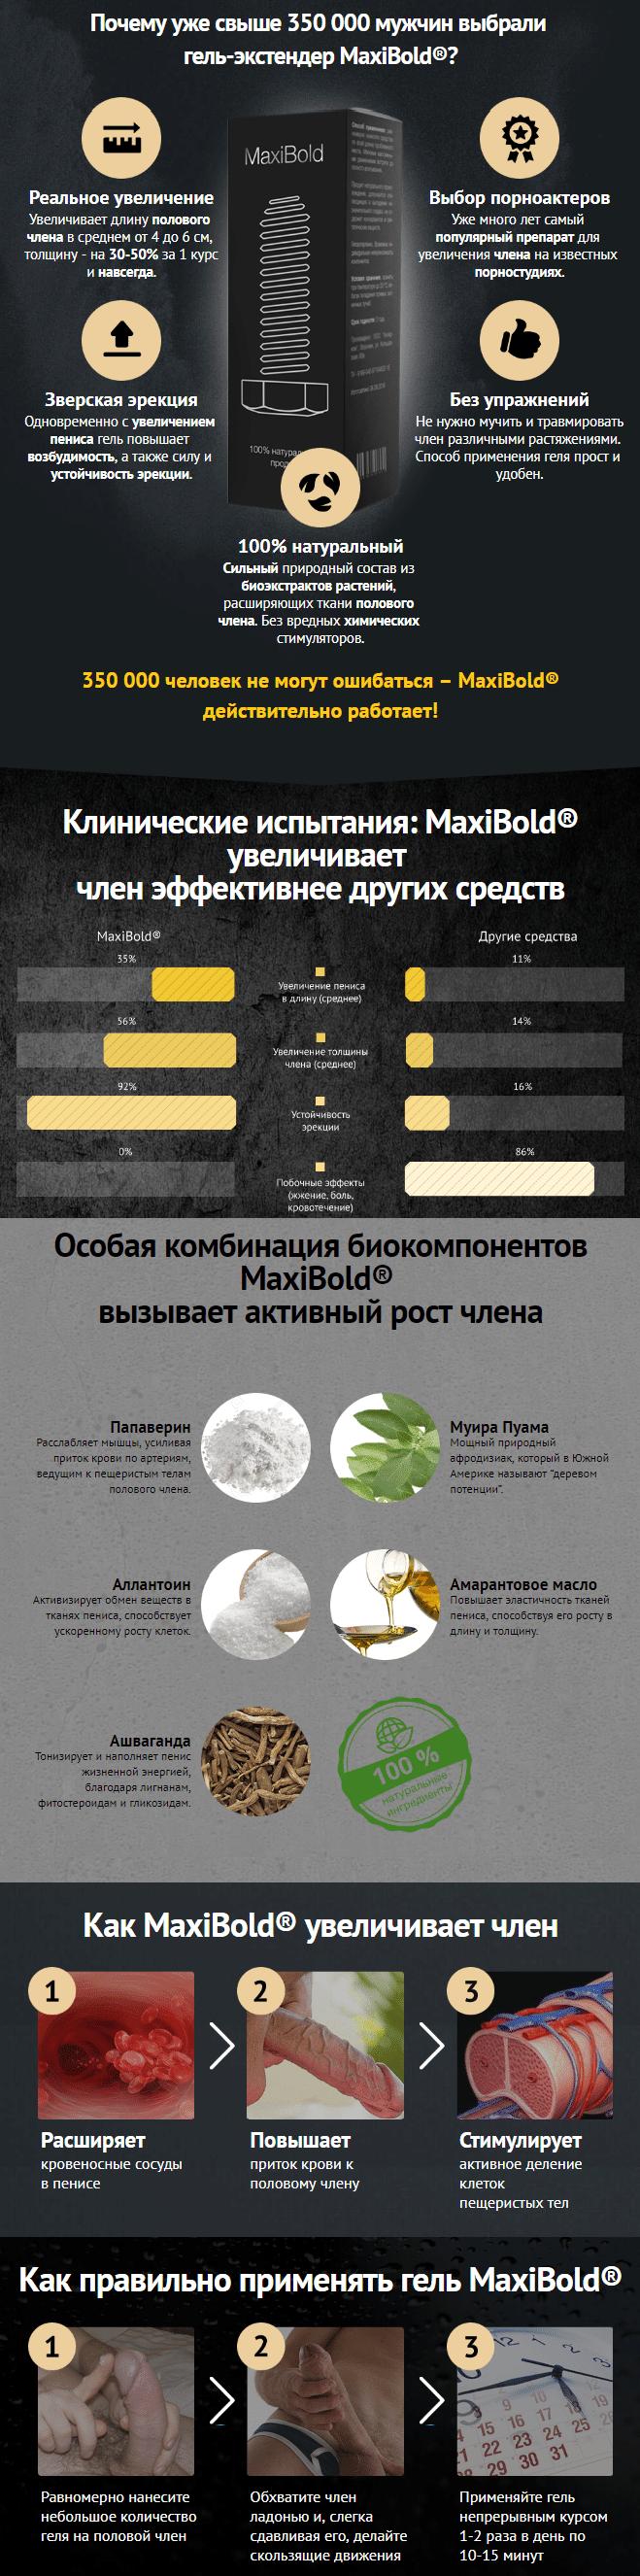 Maxibold - средство для увеличения члена купить